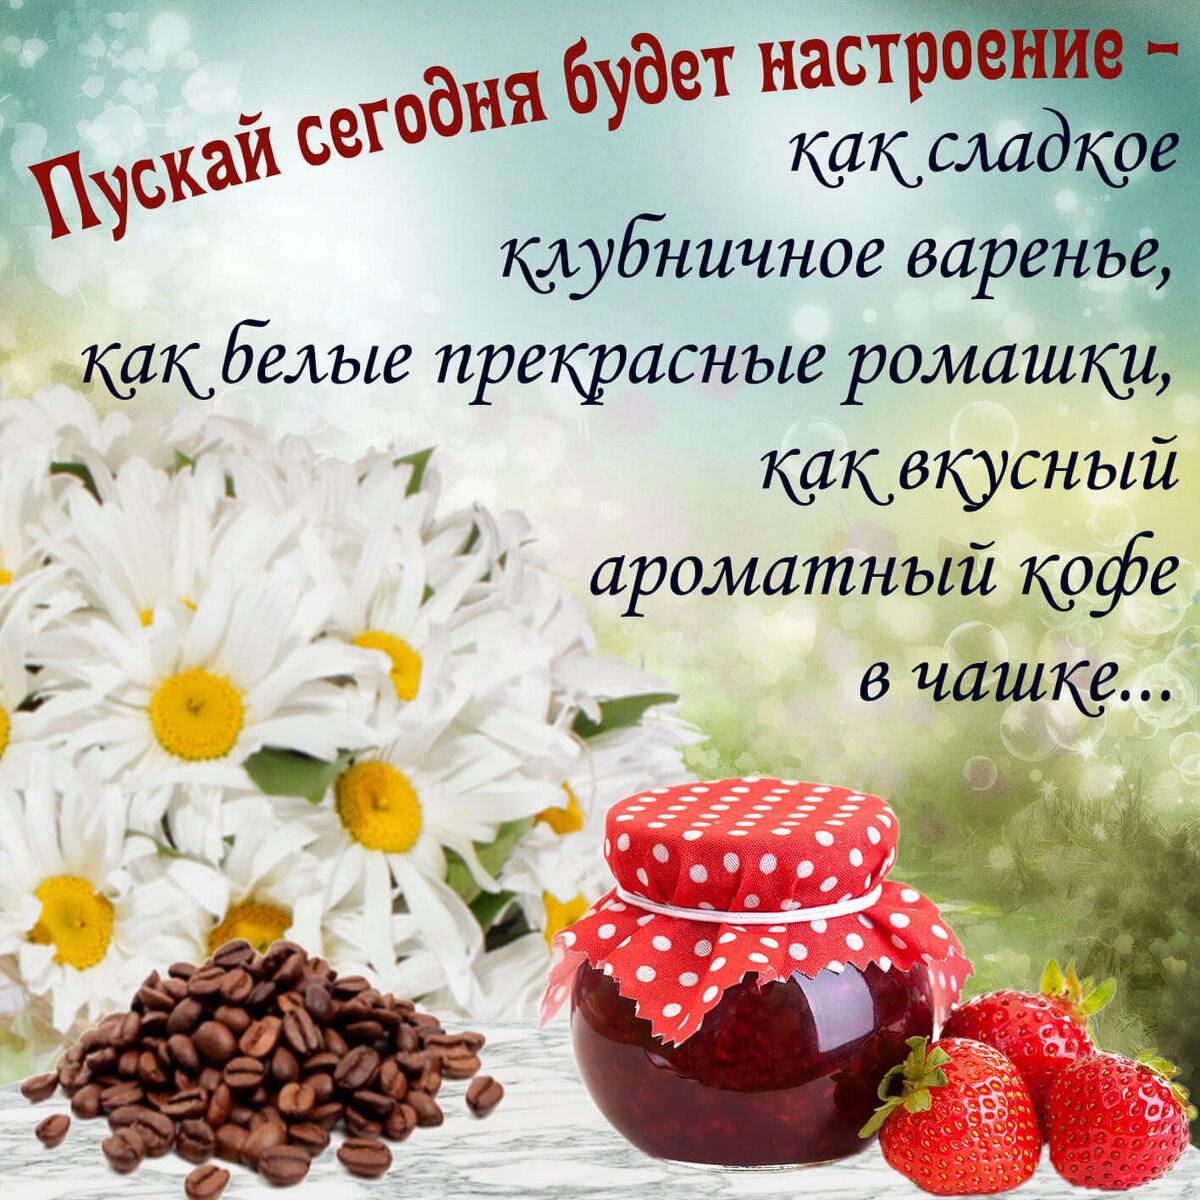 Красочные открытки с пожеланием хорошего дня